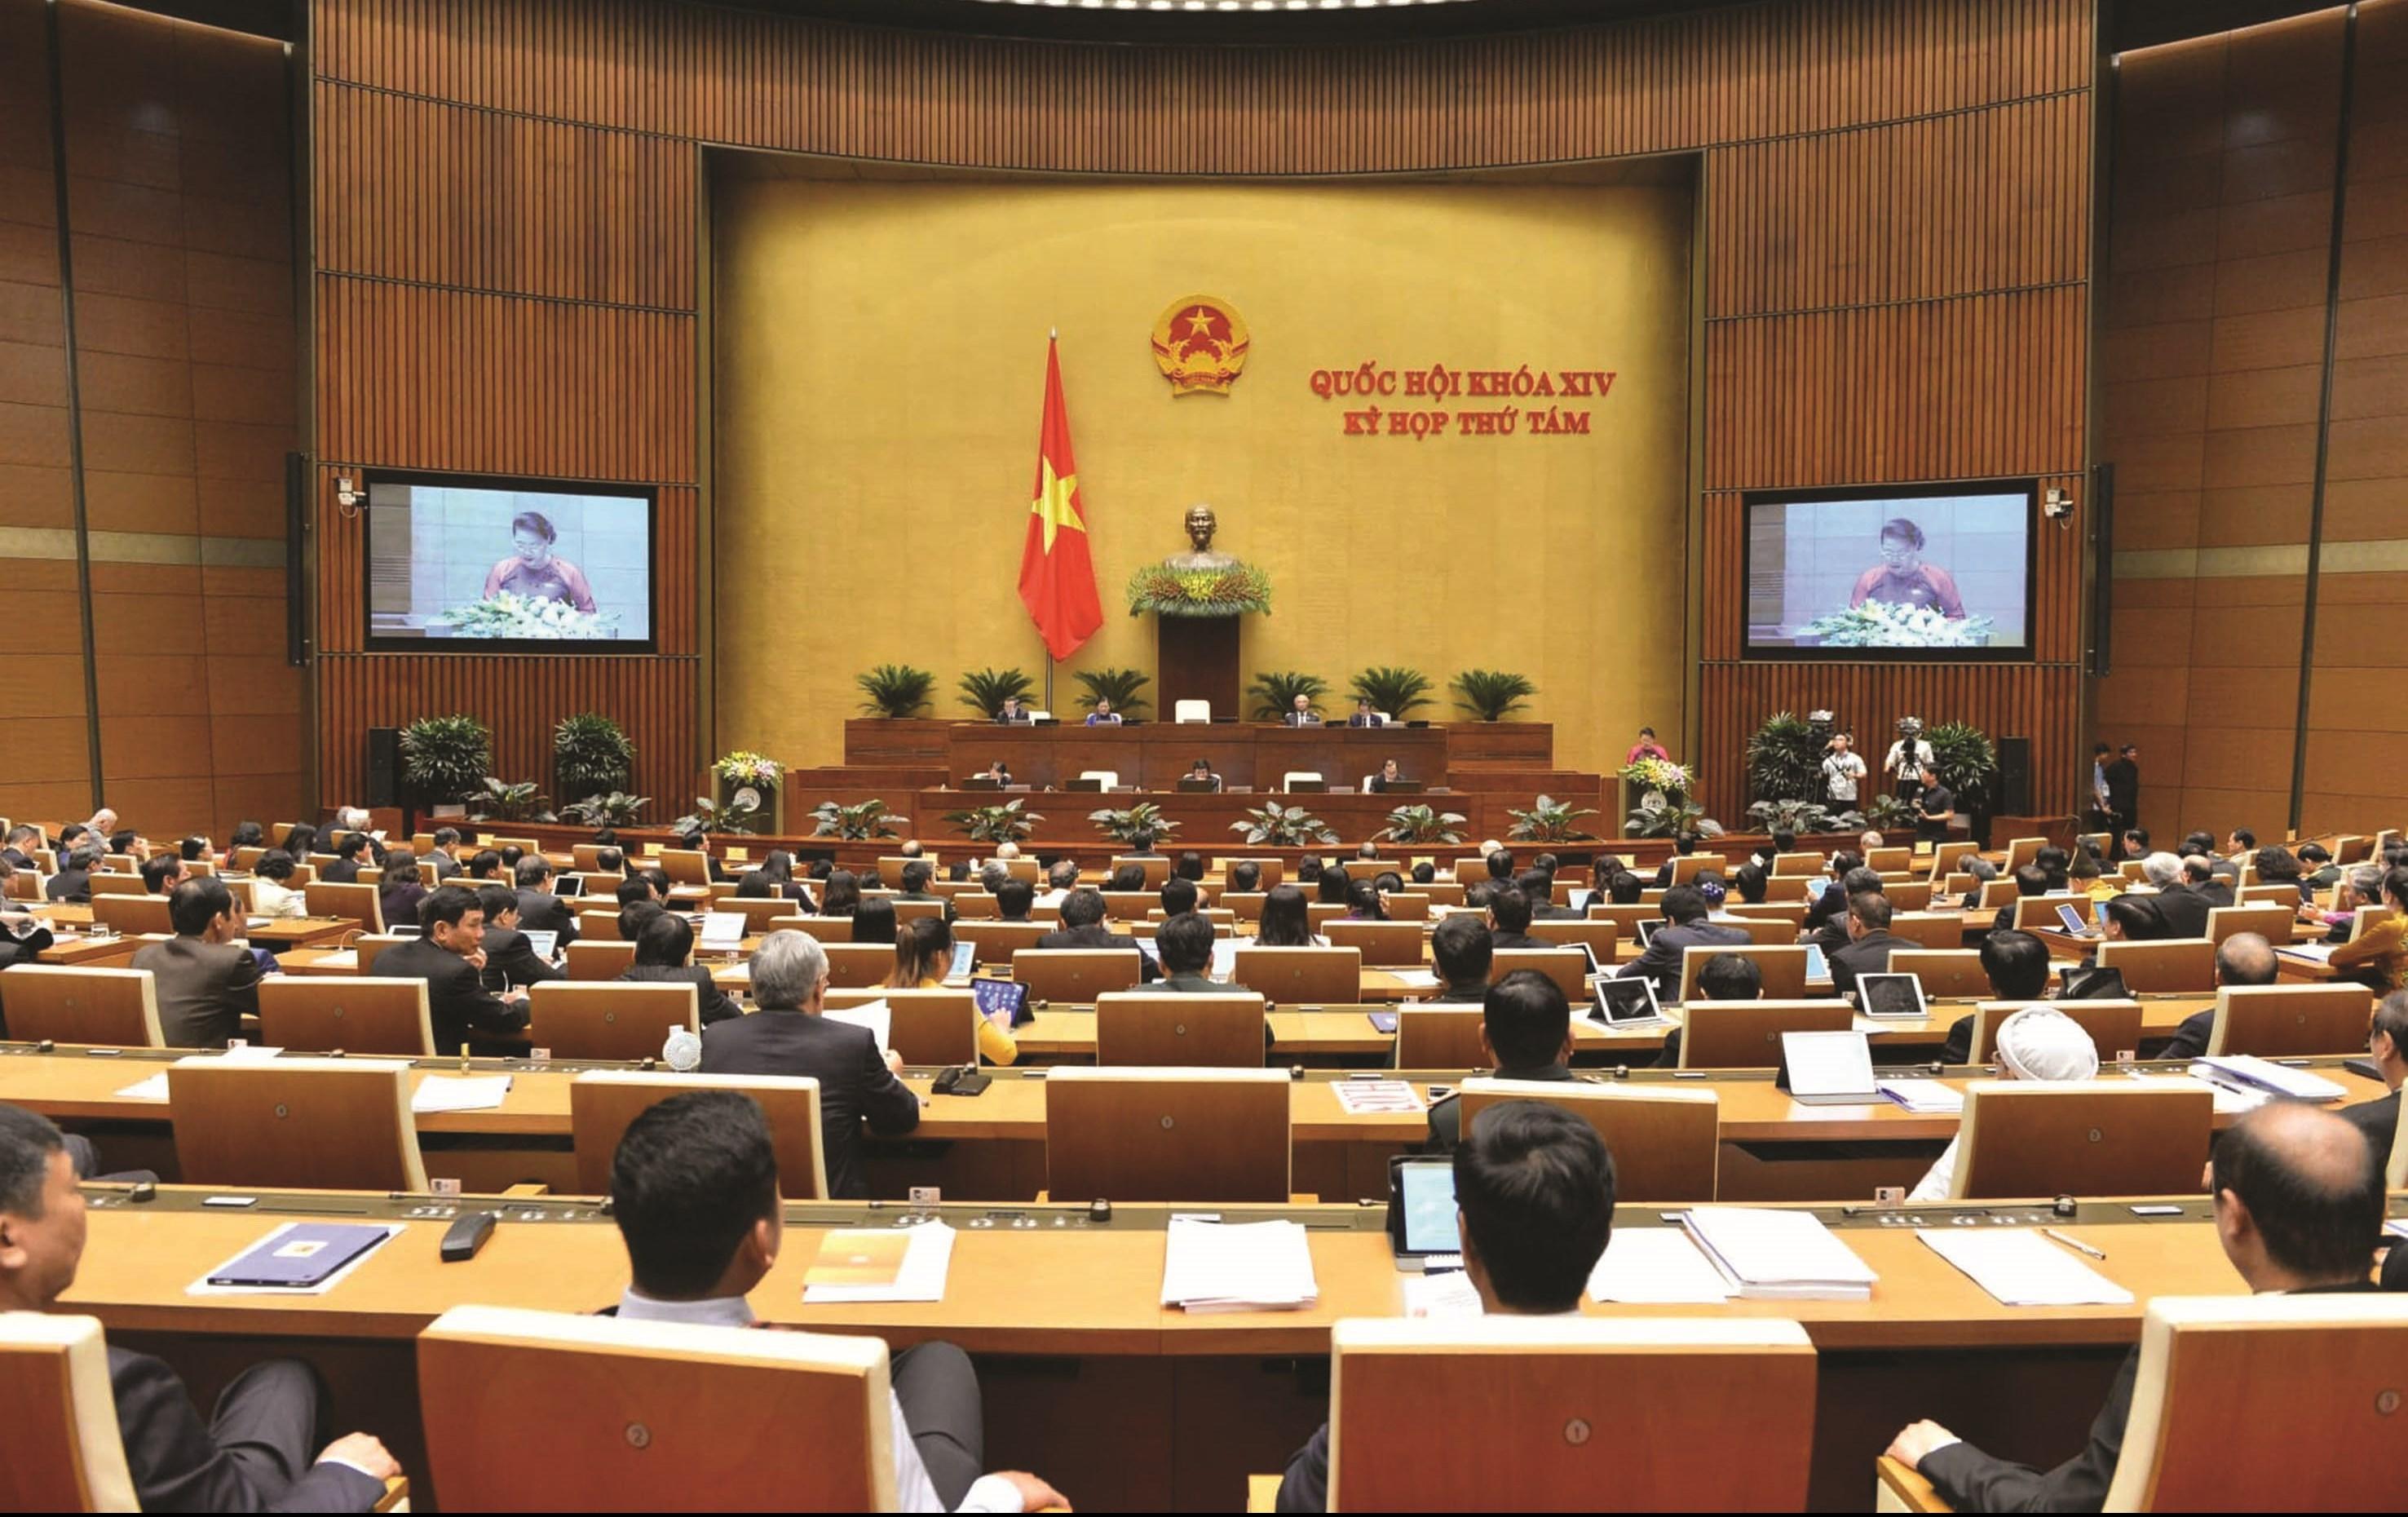 Quốc hội khóa XIV đã thể hiện quyết sách đặc biệt về công tác dân tộc.